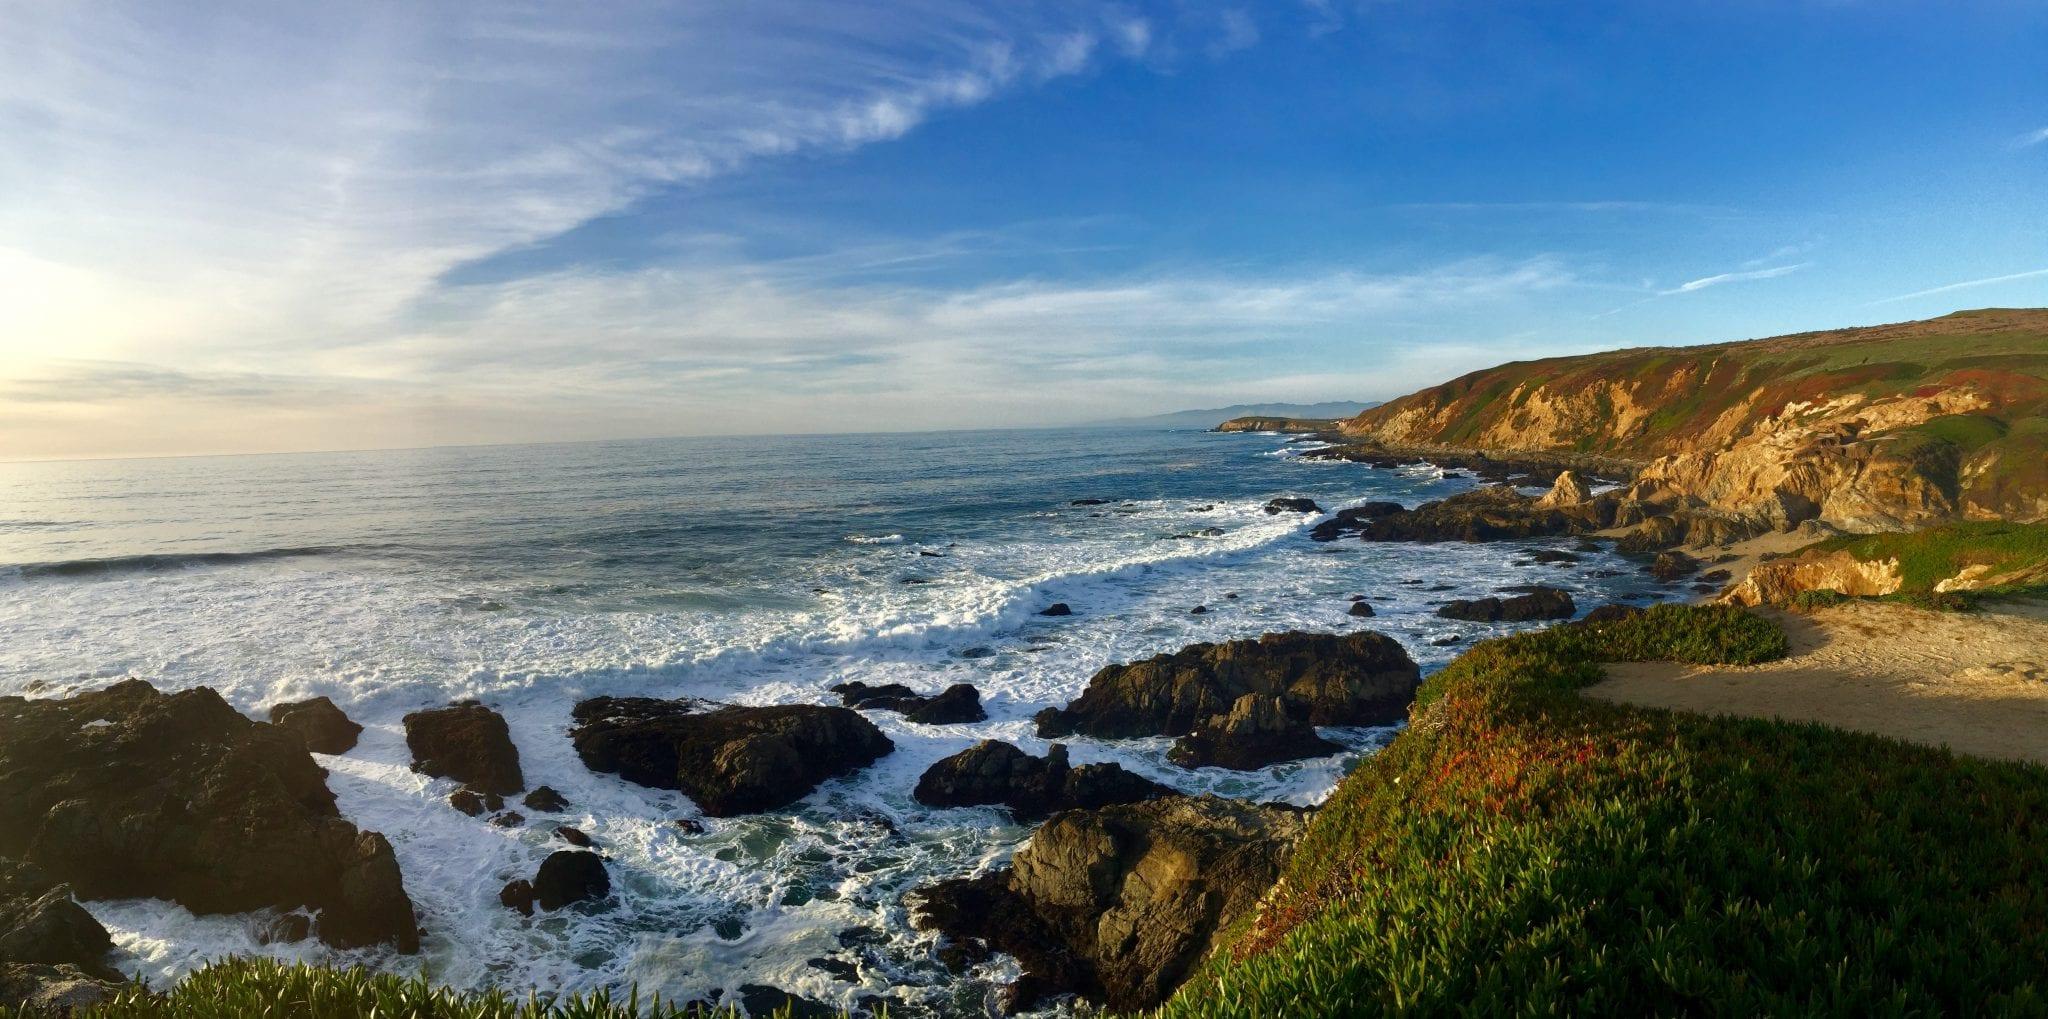 Panorma Bodega Headlands